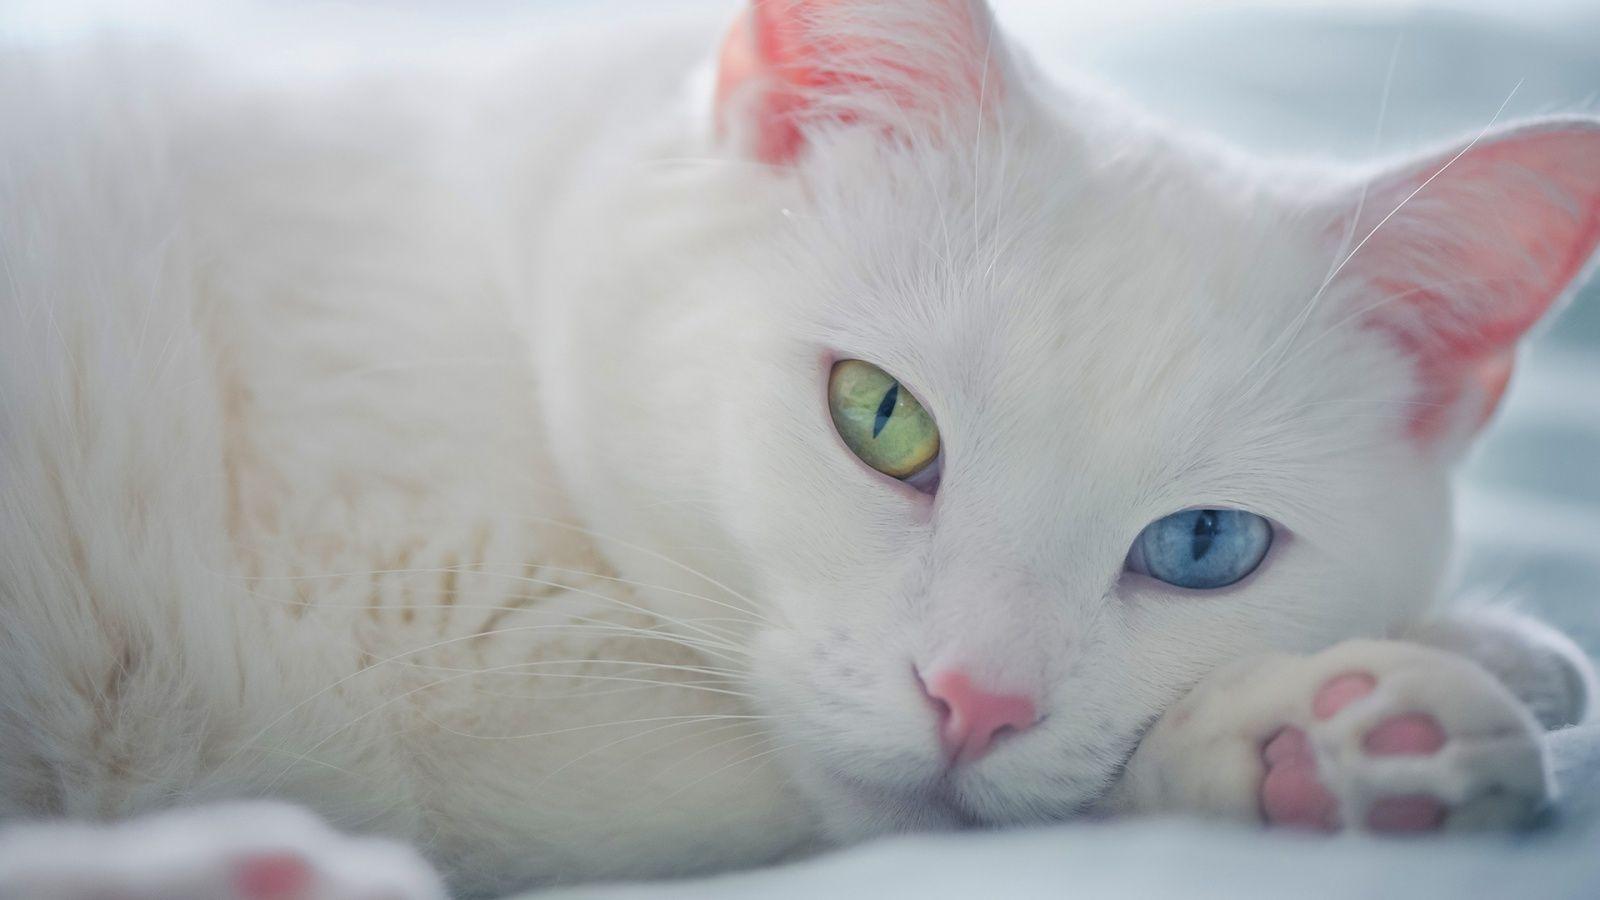 Empecemos desde los inicios... ¿De qué especie proviene el gato?